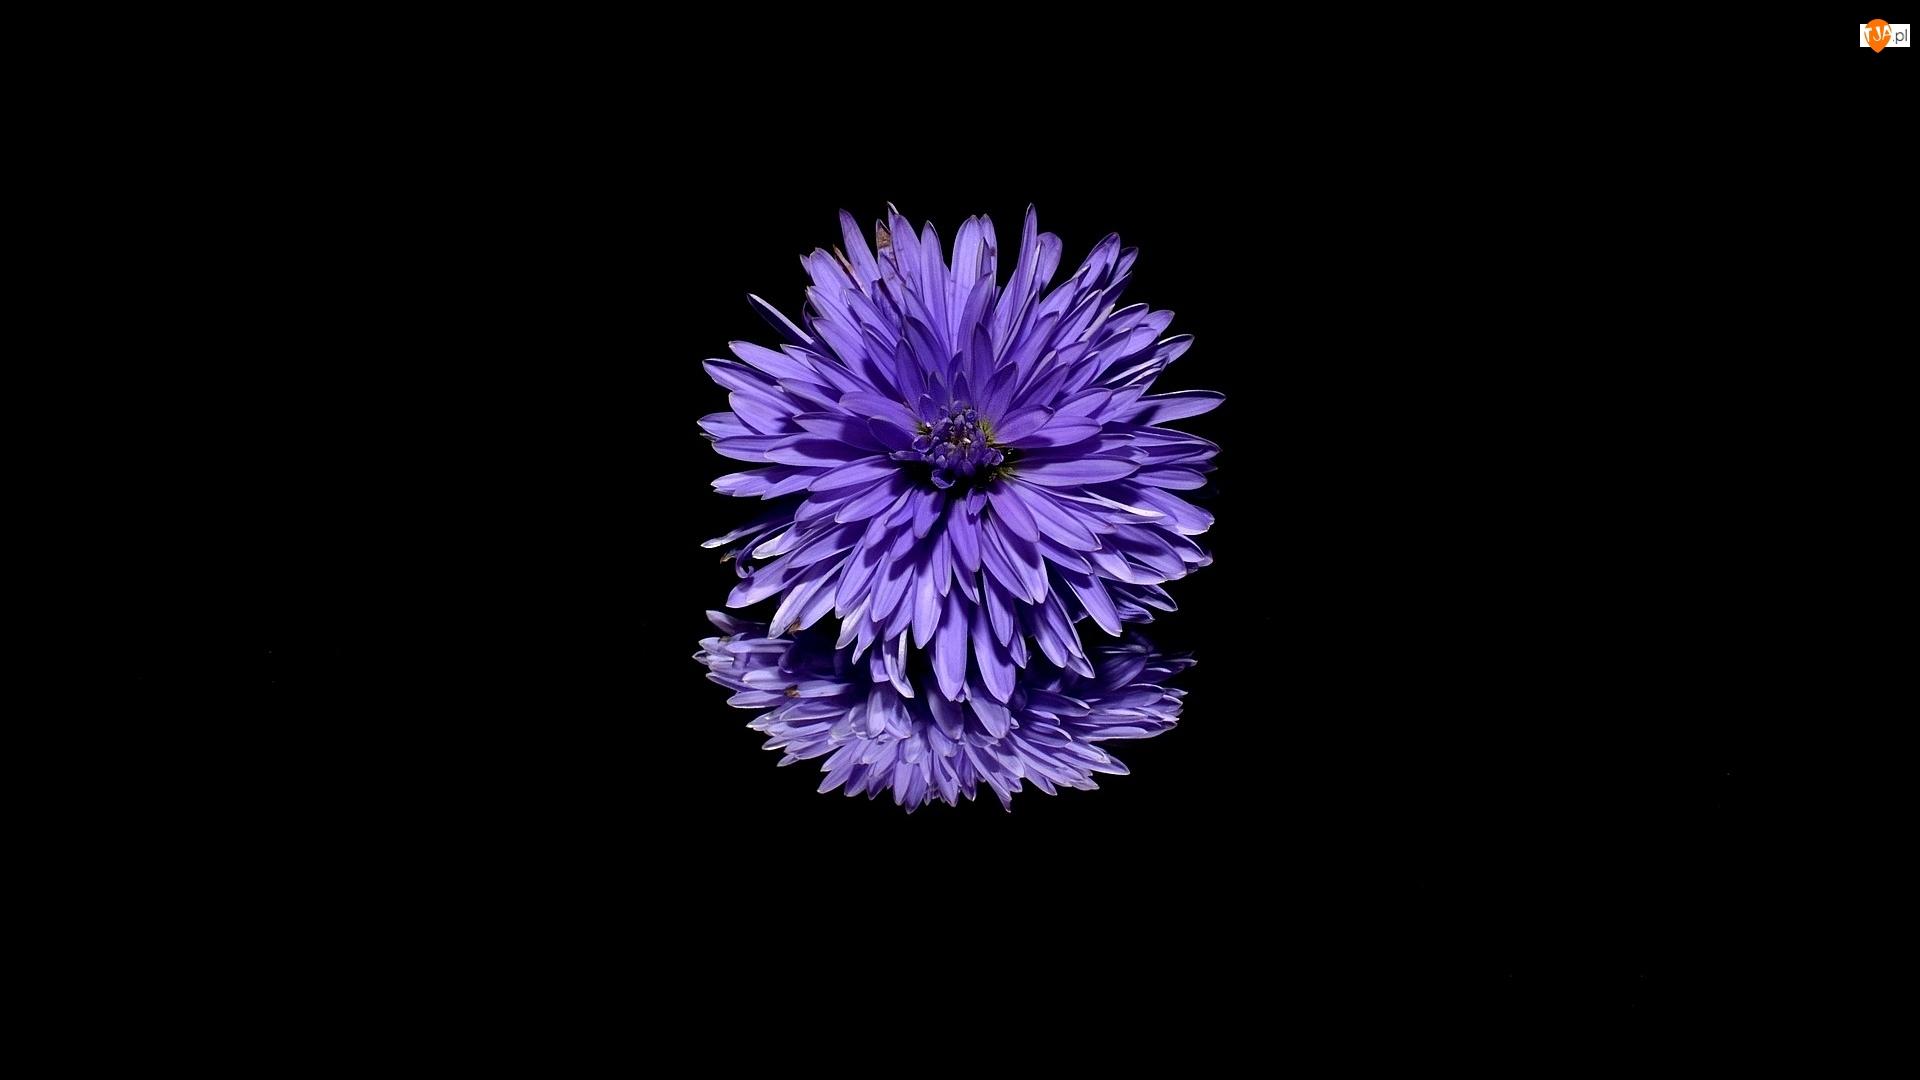 Odbicie, Kwiat, Aster, Ciemne tło